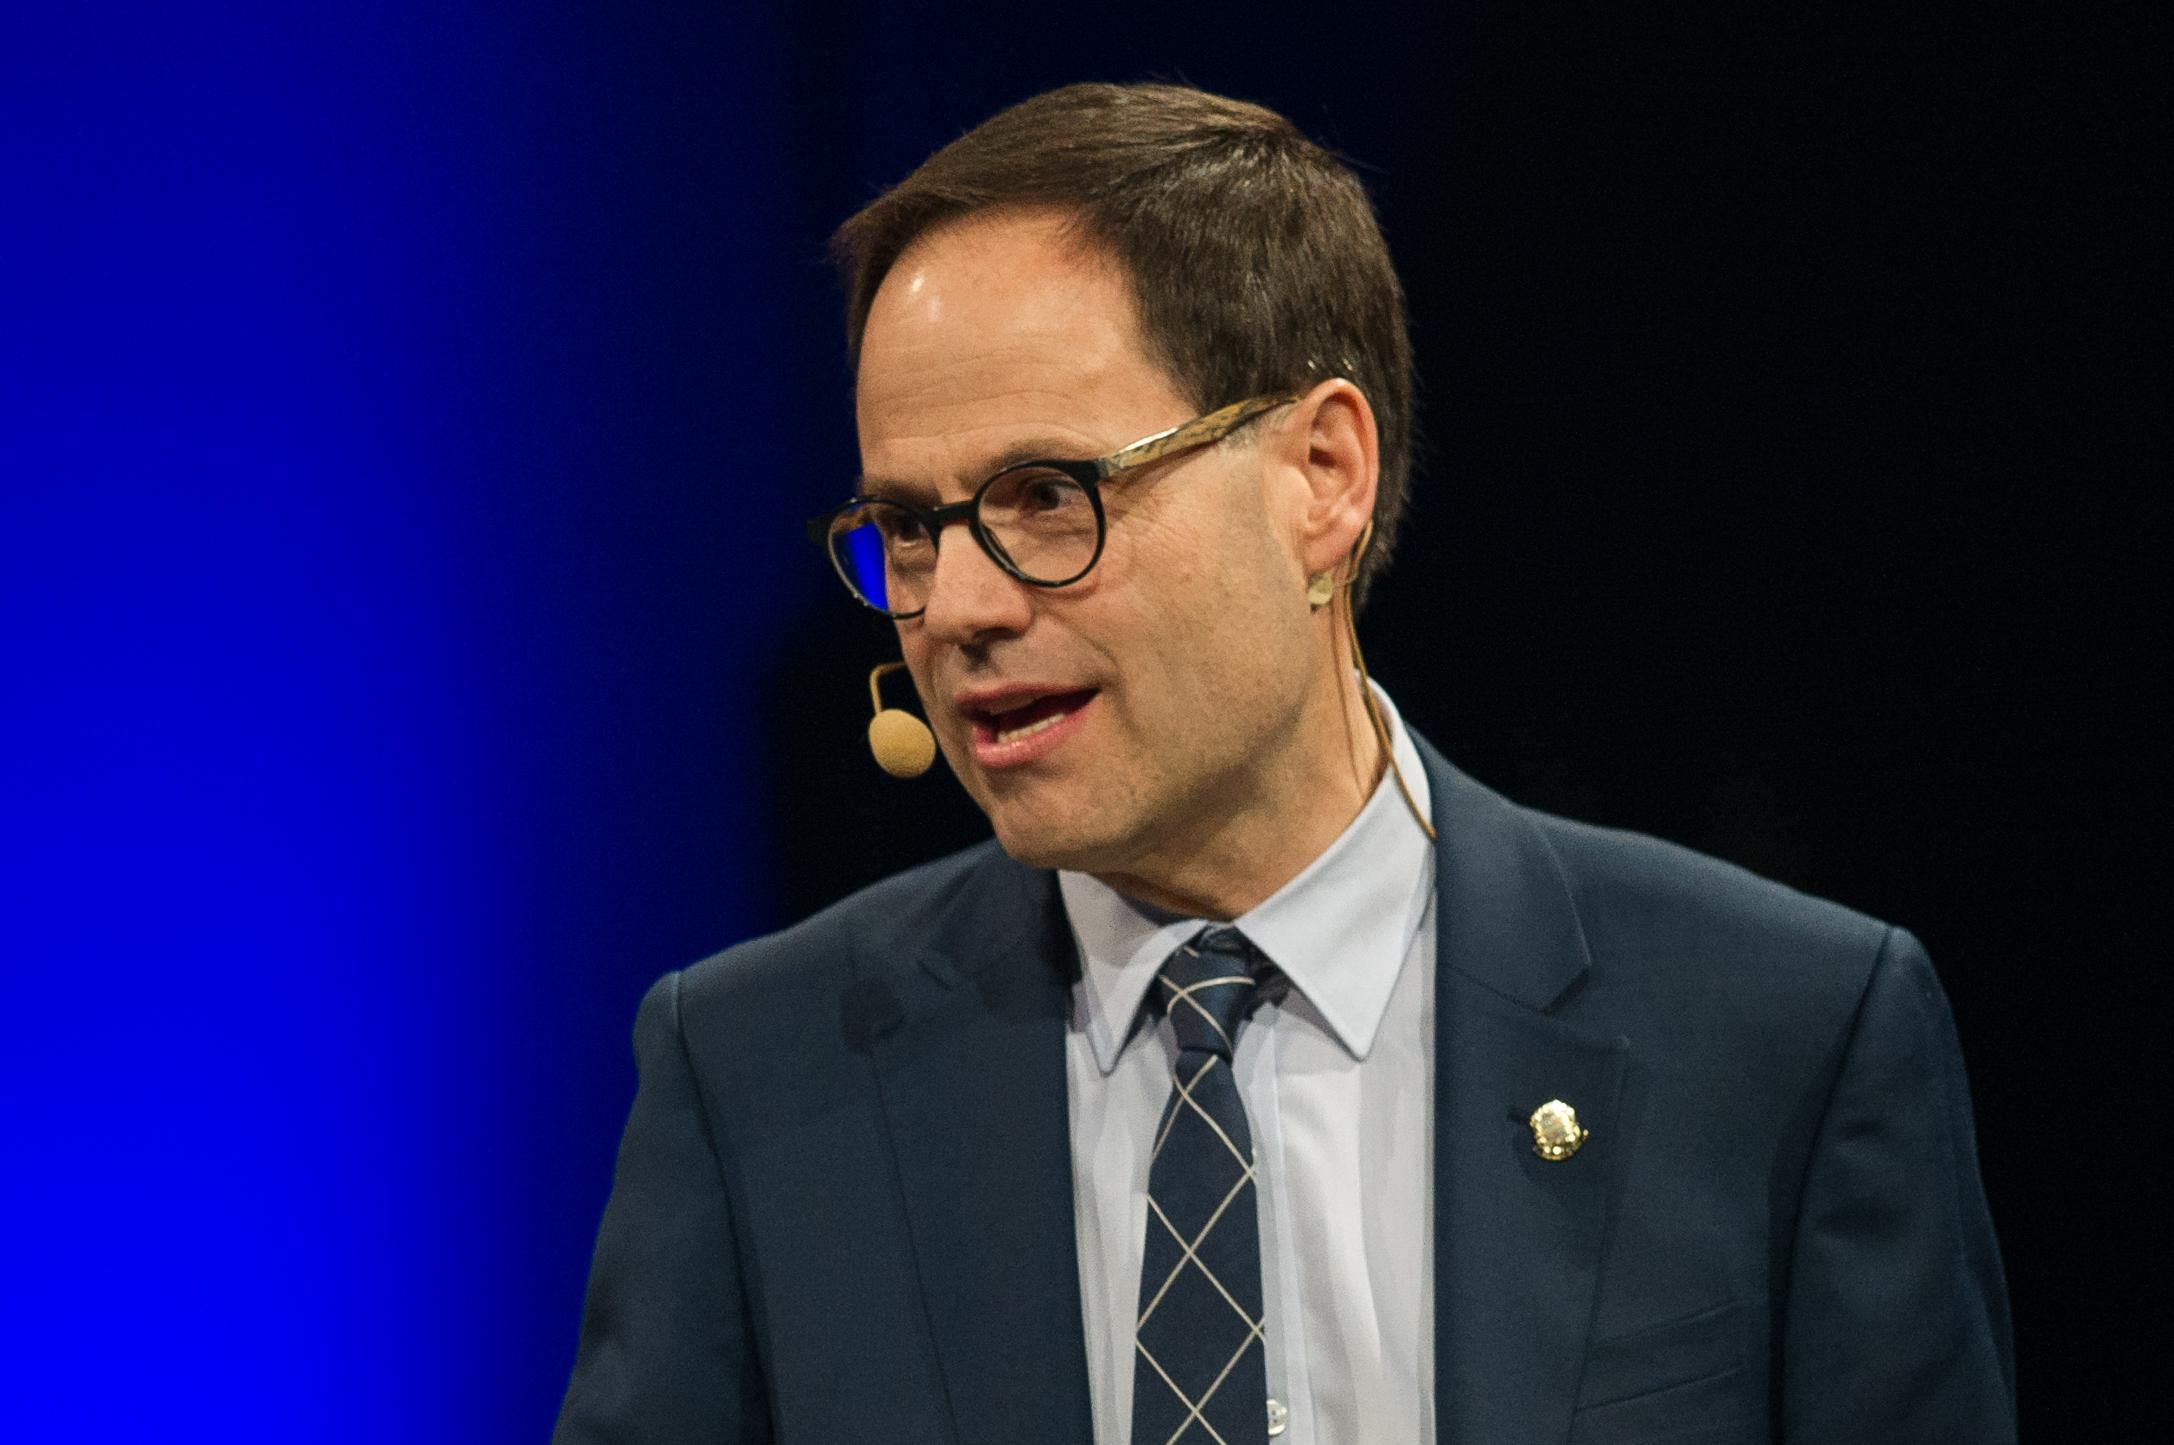 Un conservateur soulève une question à l'endroit du président de l'UMQ